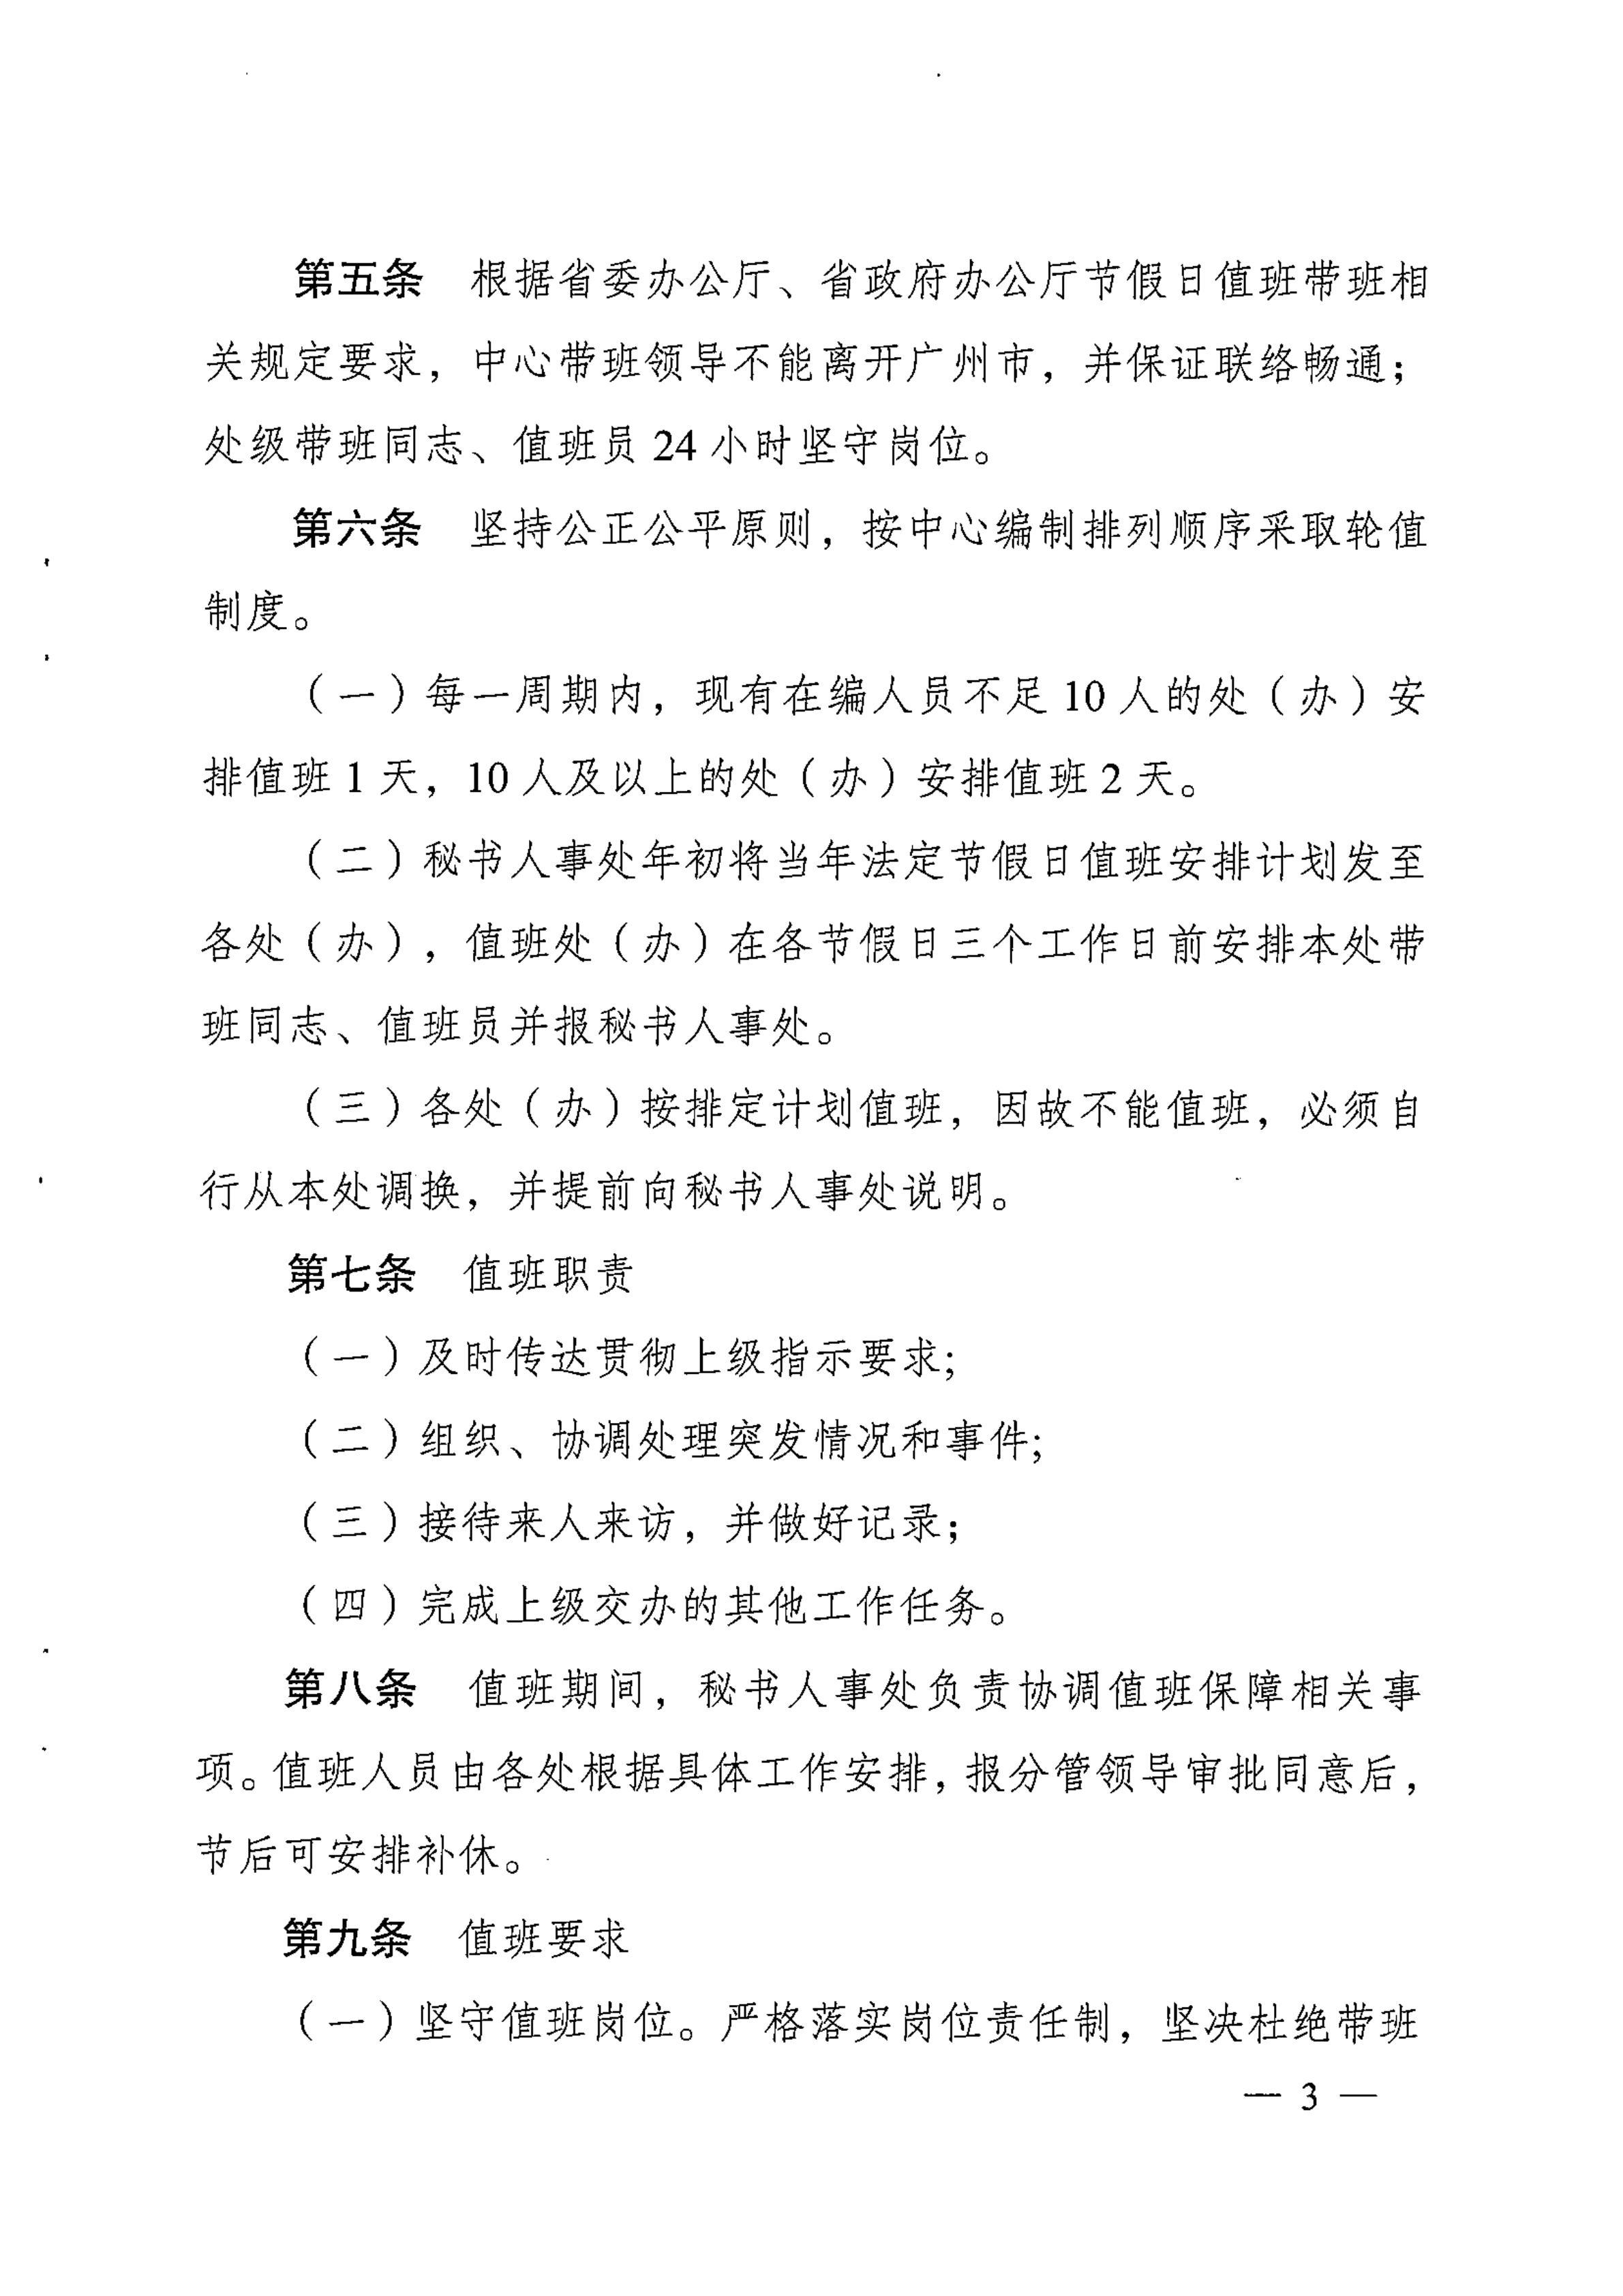 关于印发《广东省人民政府发展研究中心节假日值班规定》的通知_02.jpg